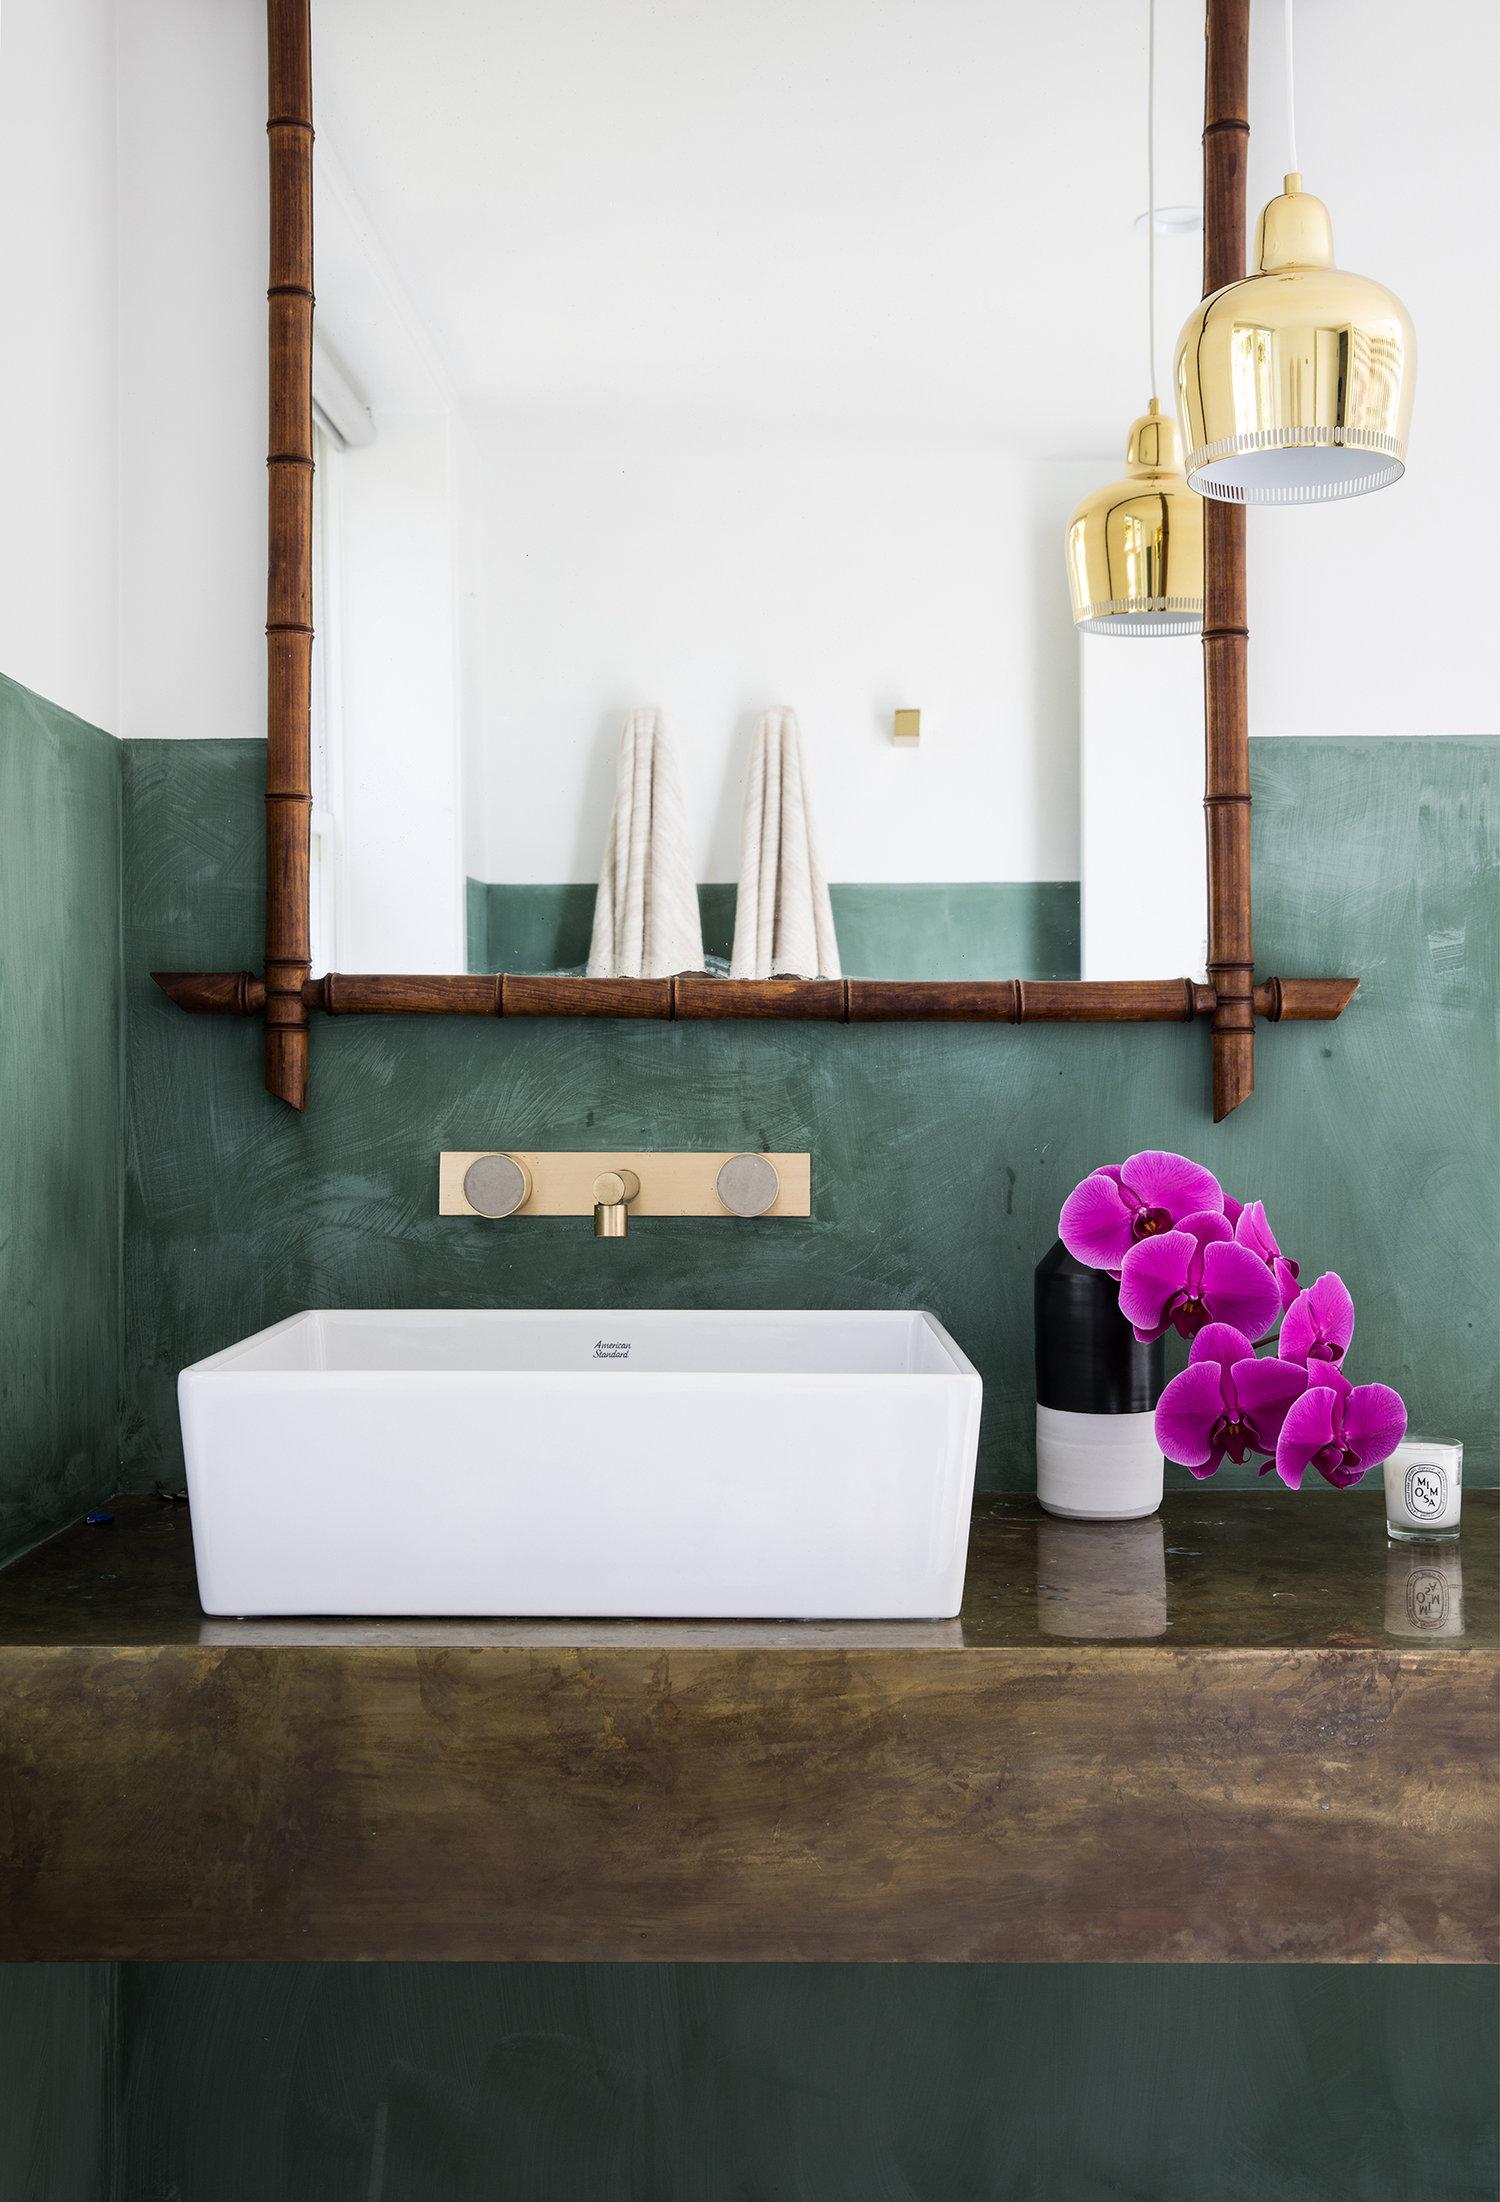 demi-mur vert et un mélange de moderne et rustique dans ce bain | visite de la maison sur coco kelley